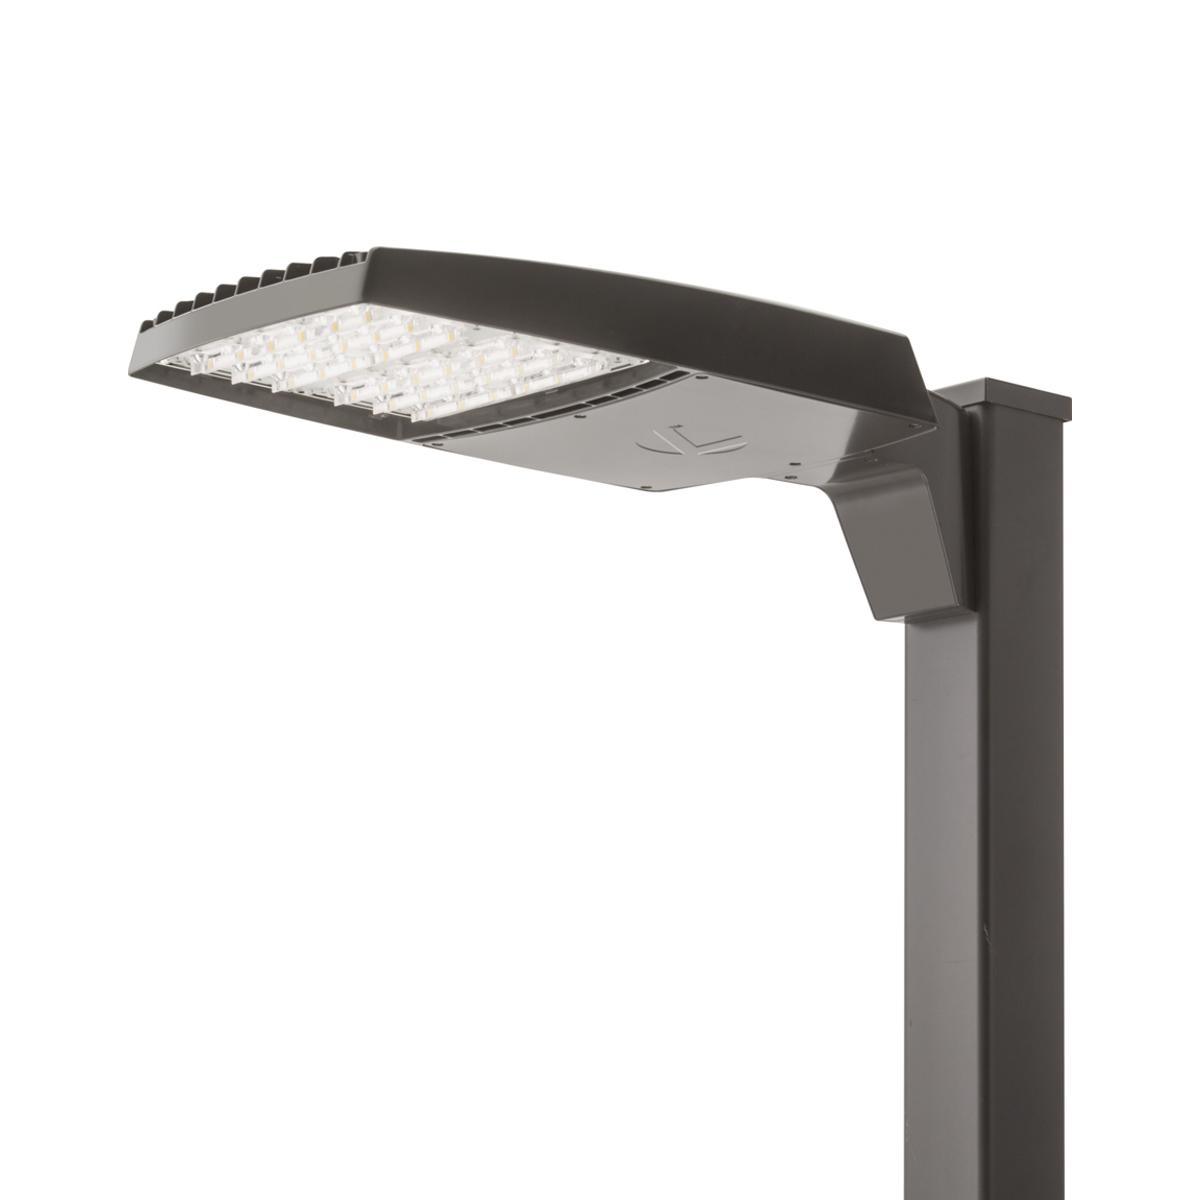 RSX2 LED Area Luminaire